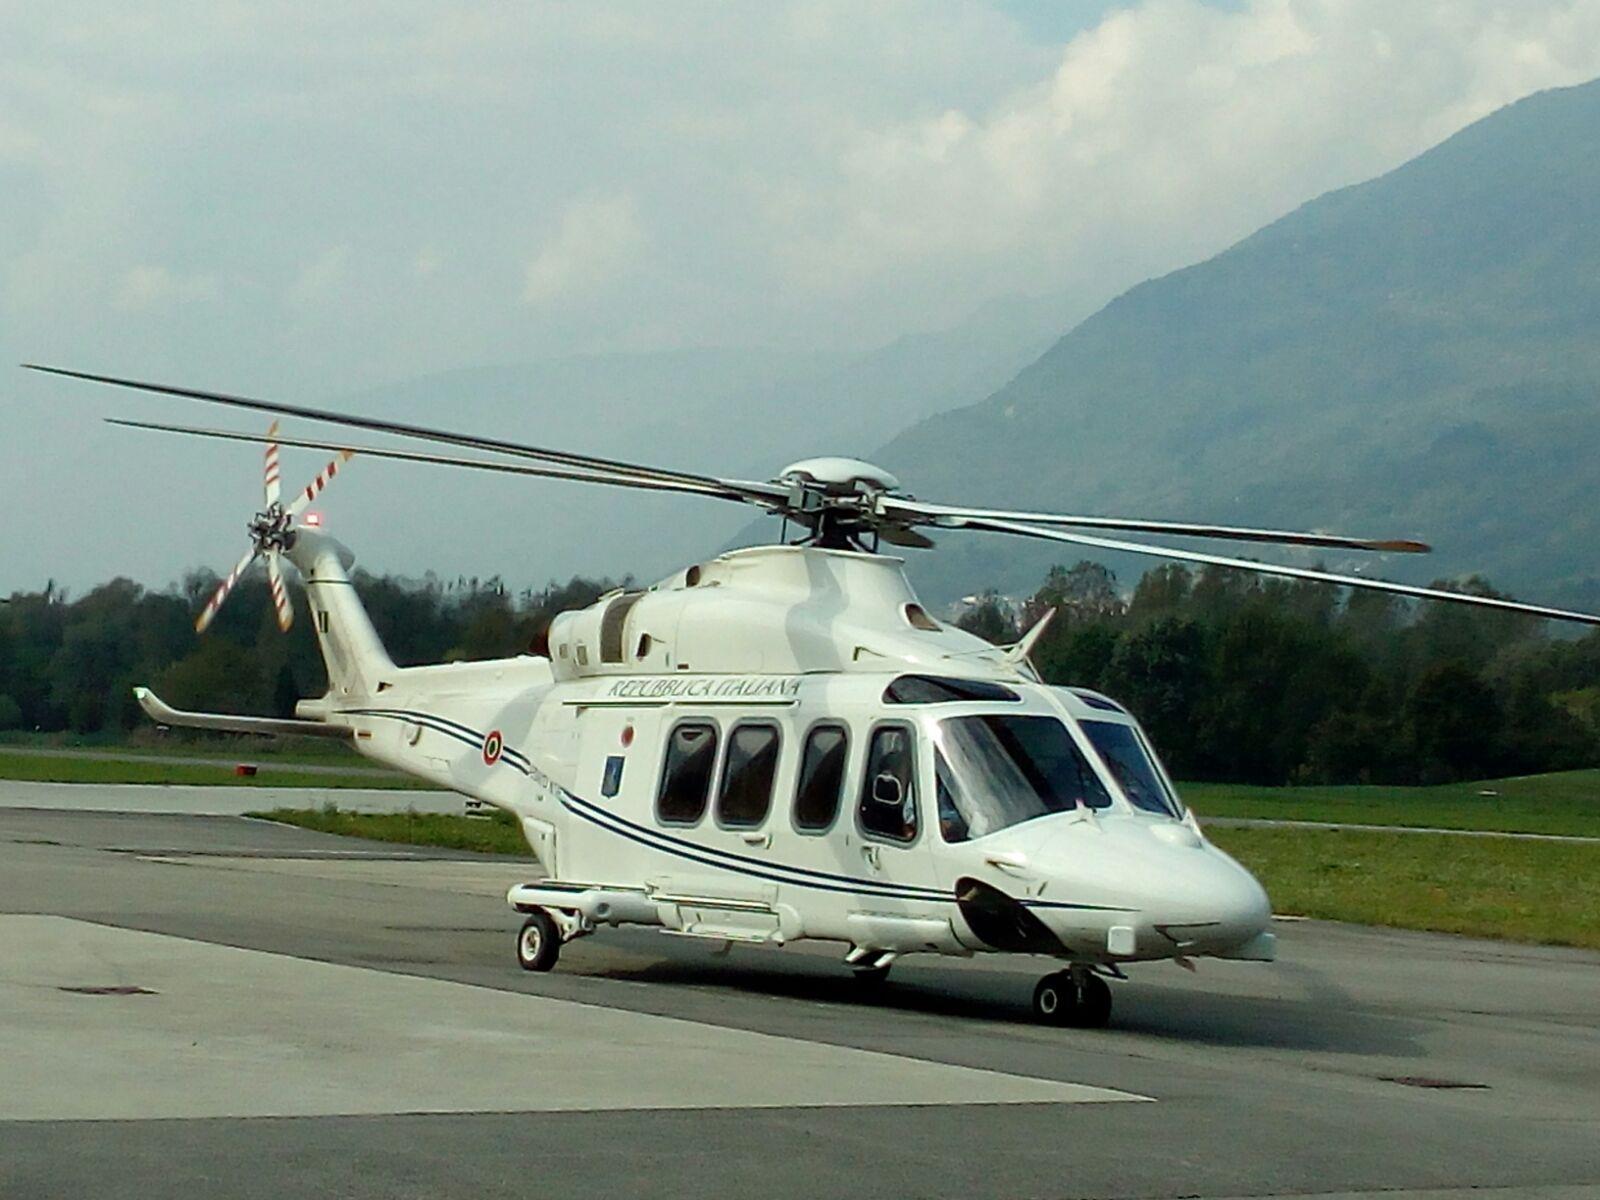 Agusta 139 aeronautica